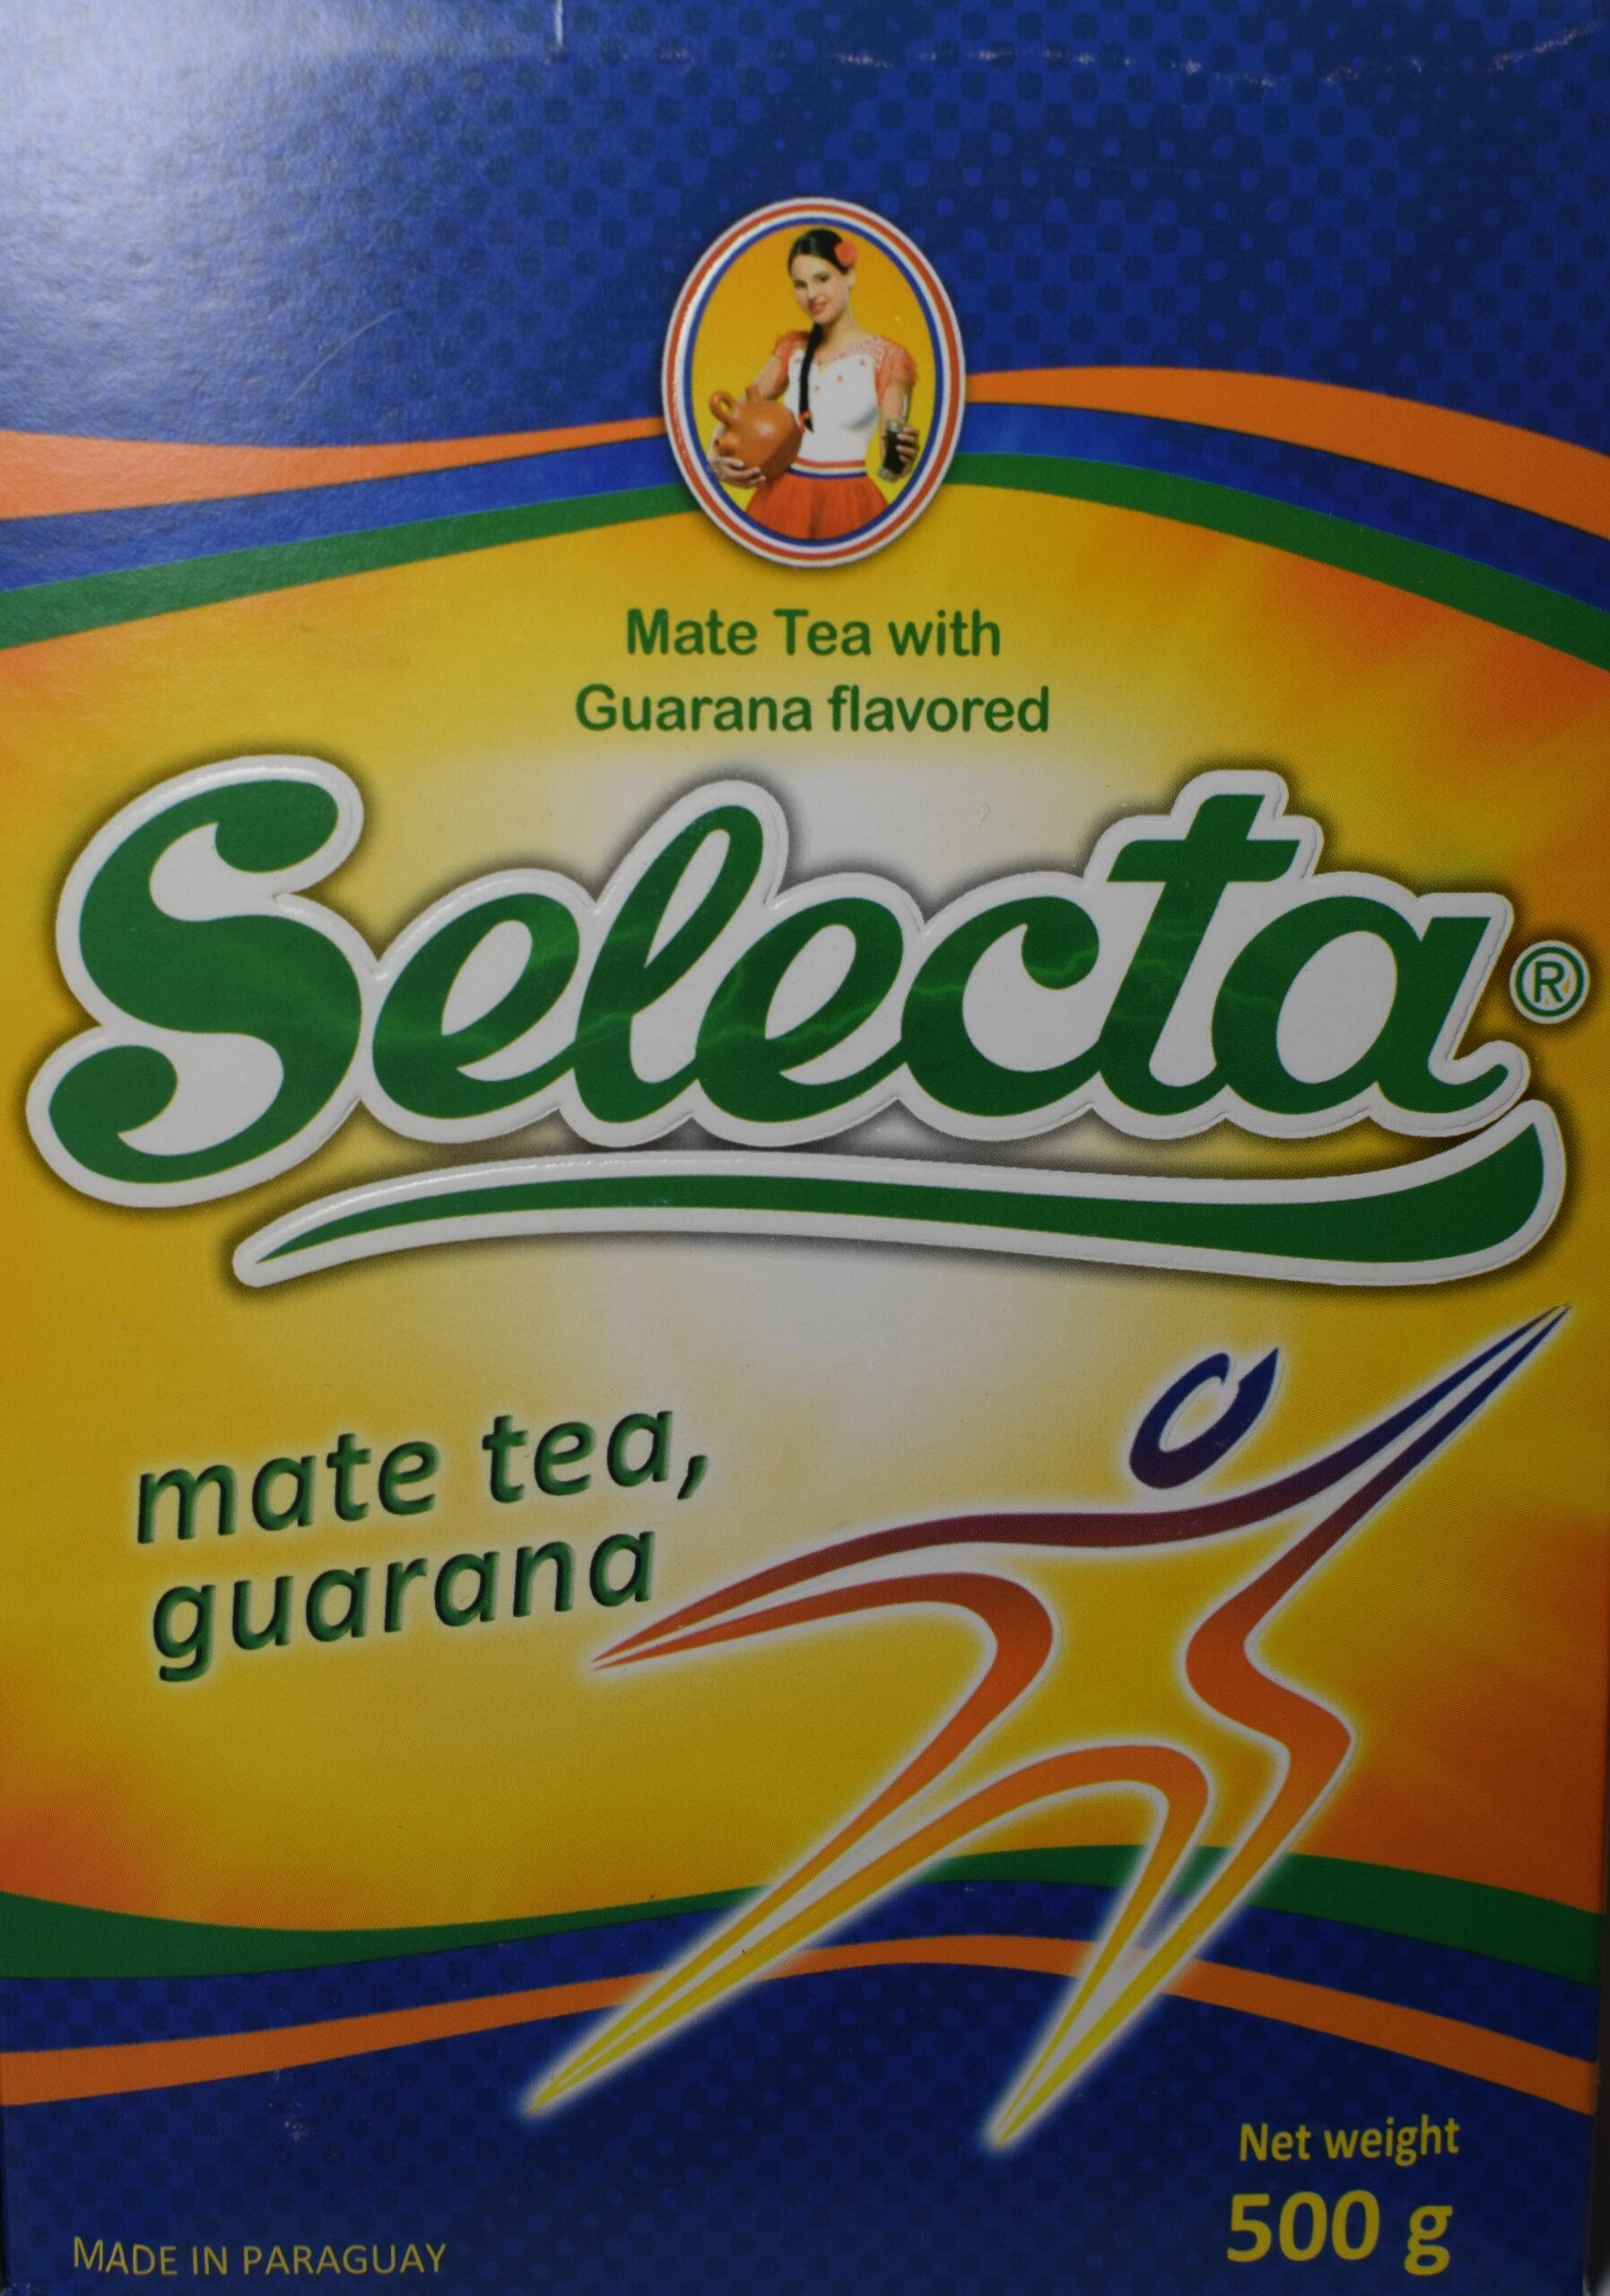 Selecta Guarana